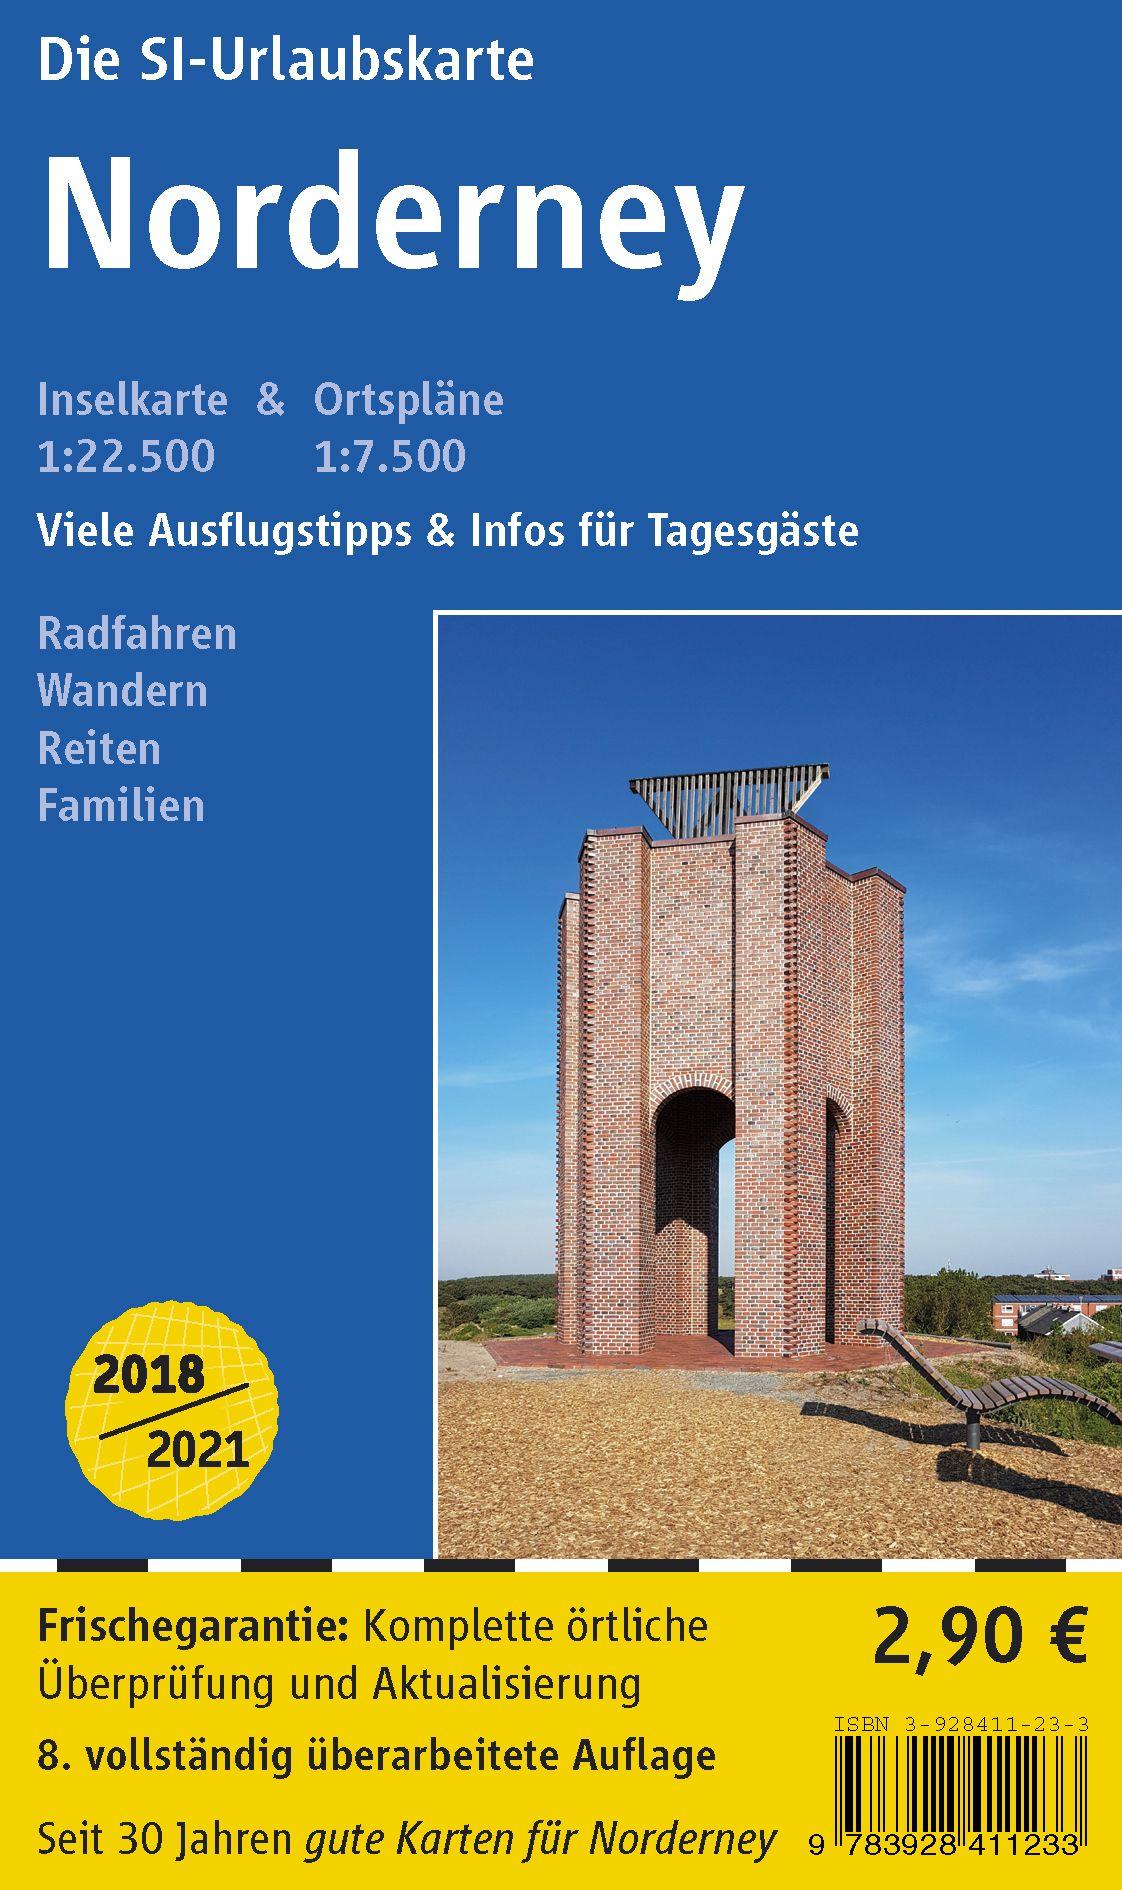 Norderney Karte Straßen.Insel Norderney Von Si Verlag Ohg Fahrrad Wander Und Reitwegekarte